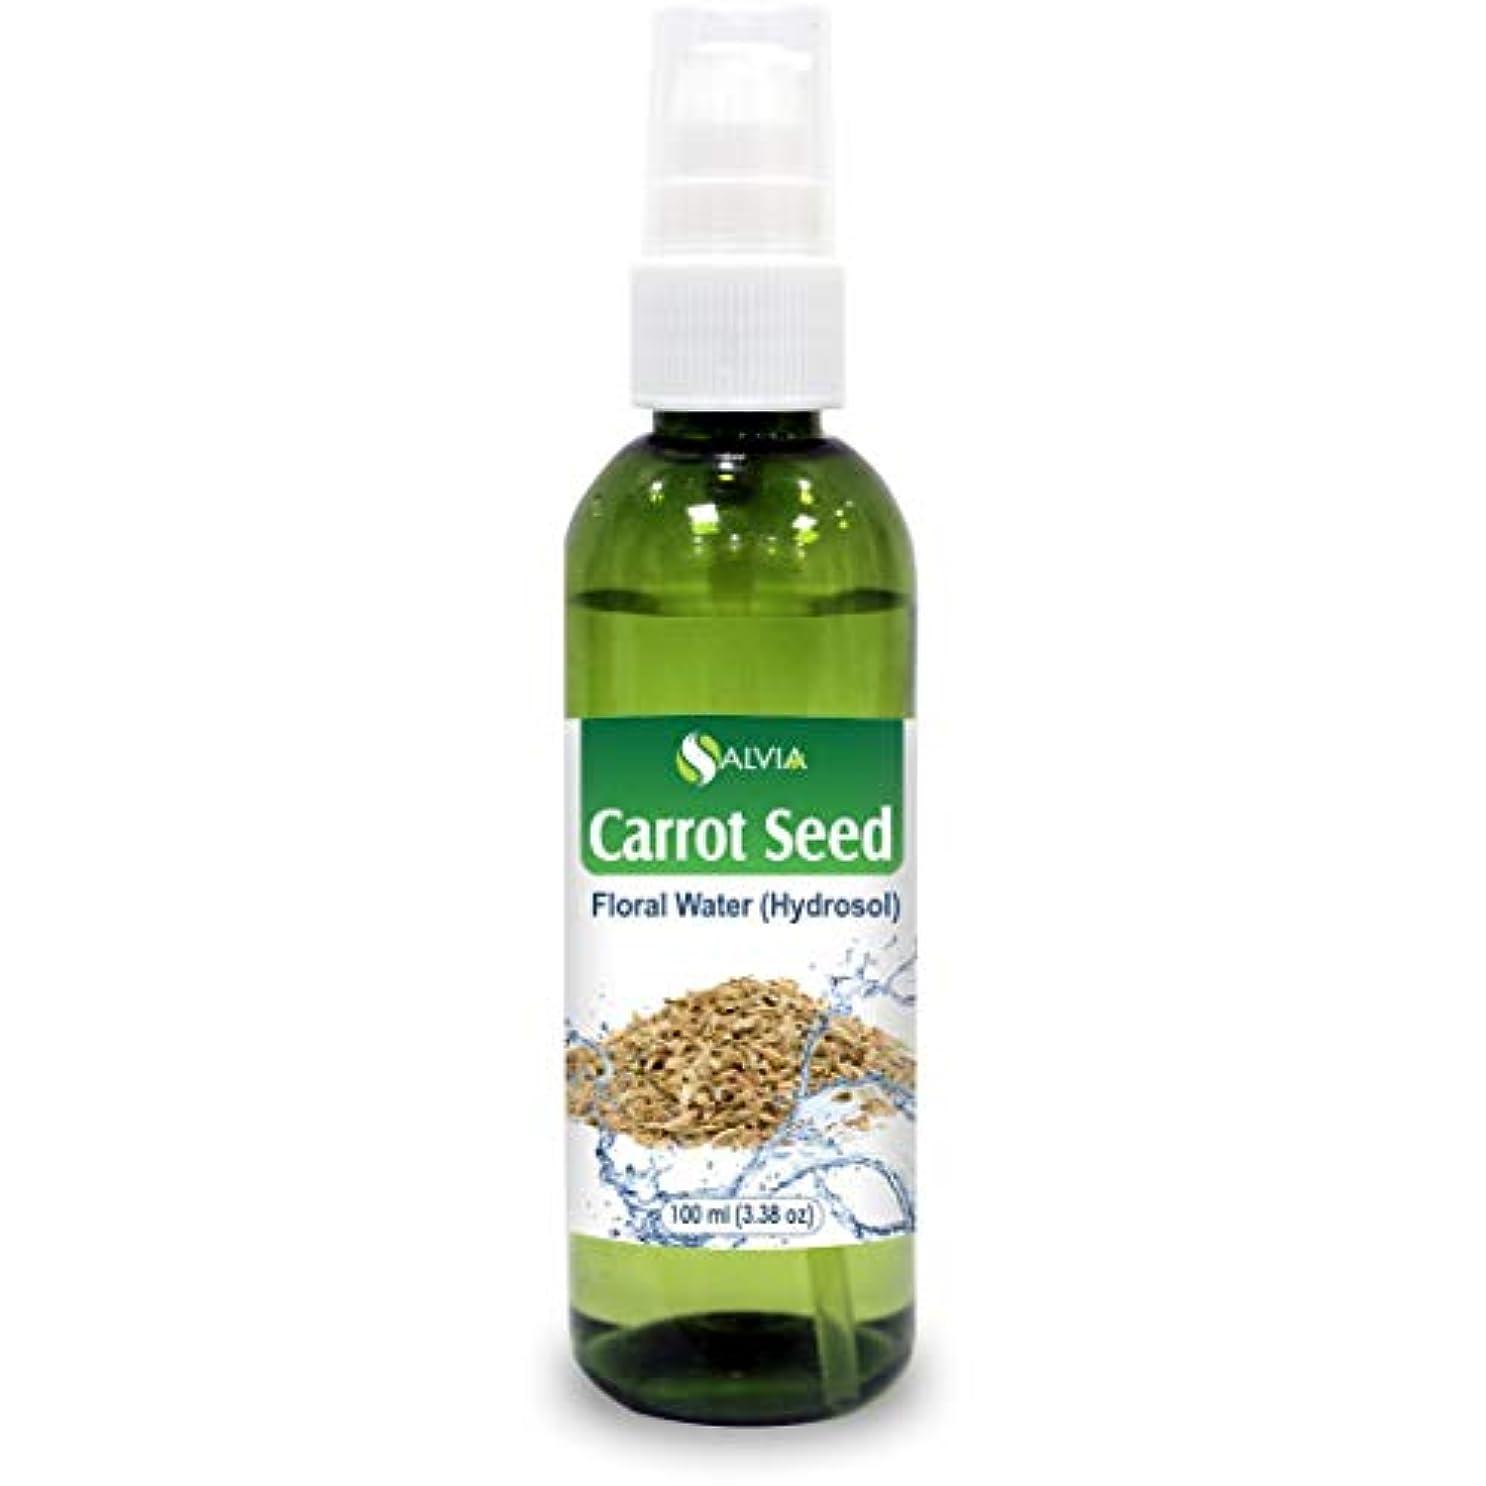 突然の潤滑する税金Carrot Seed Floral Water Floral Water 100ml (Hydrosol) 100% Pure And Natural